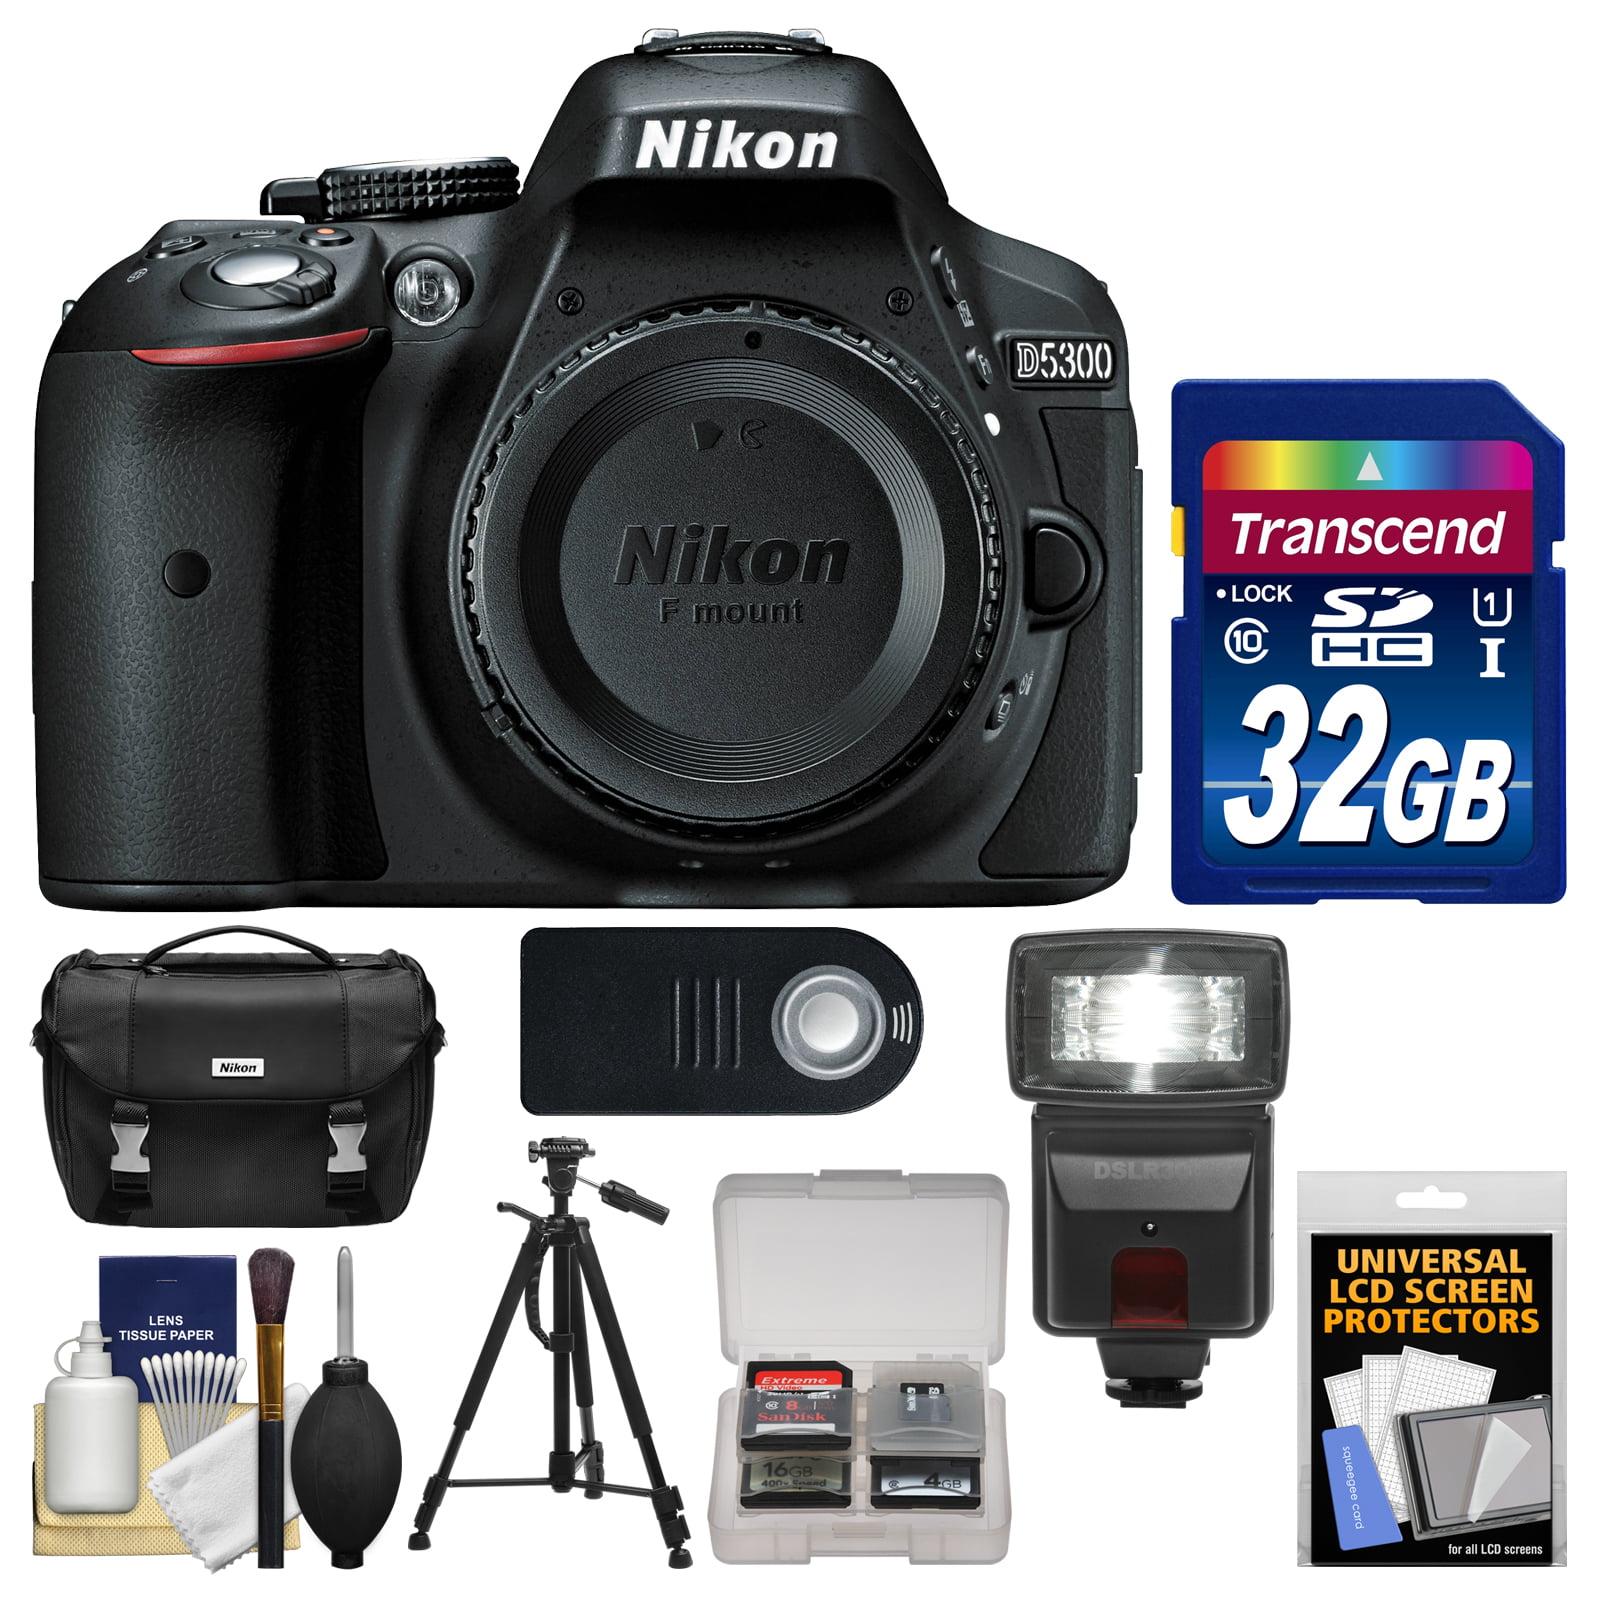 Nikon D5300 Digital SLR Camera Body (Black) With 32GB Car...